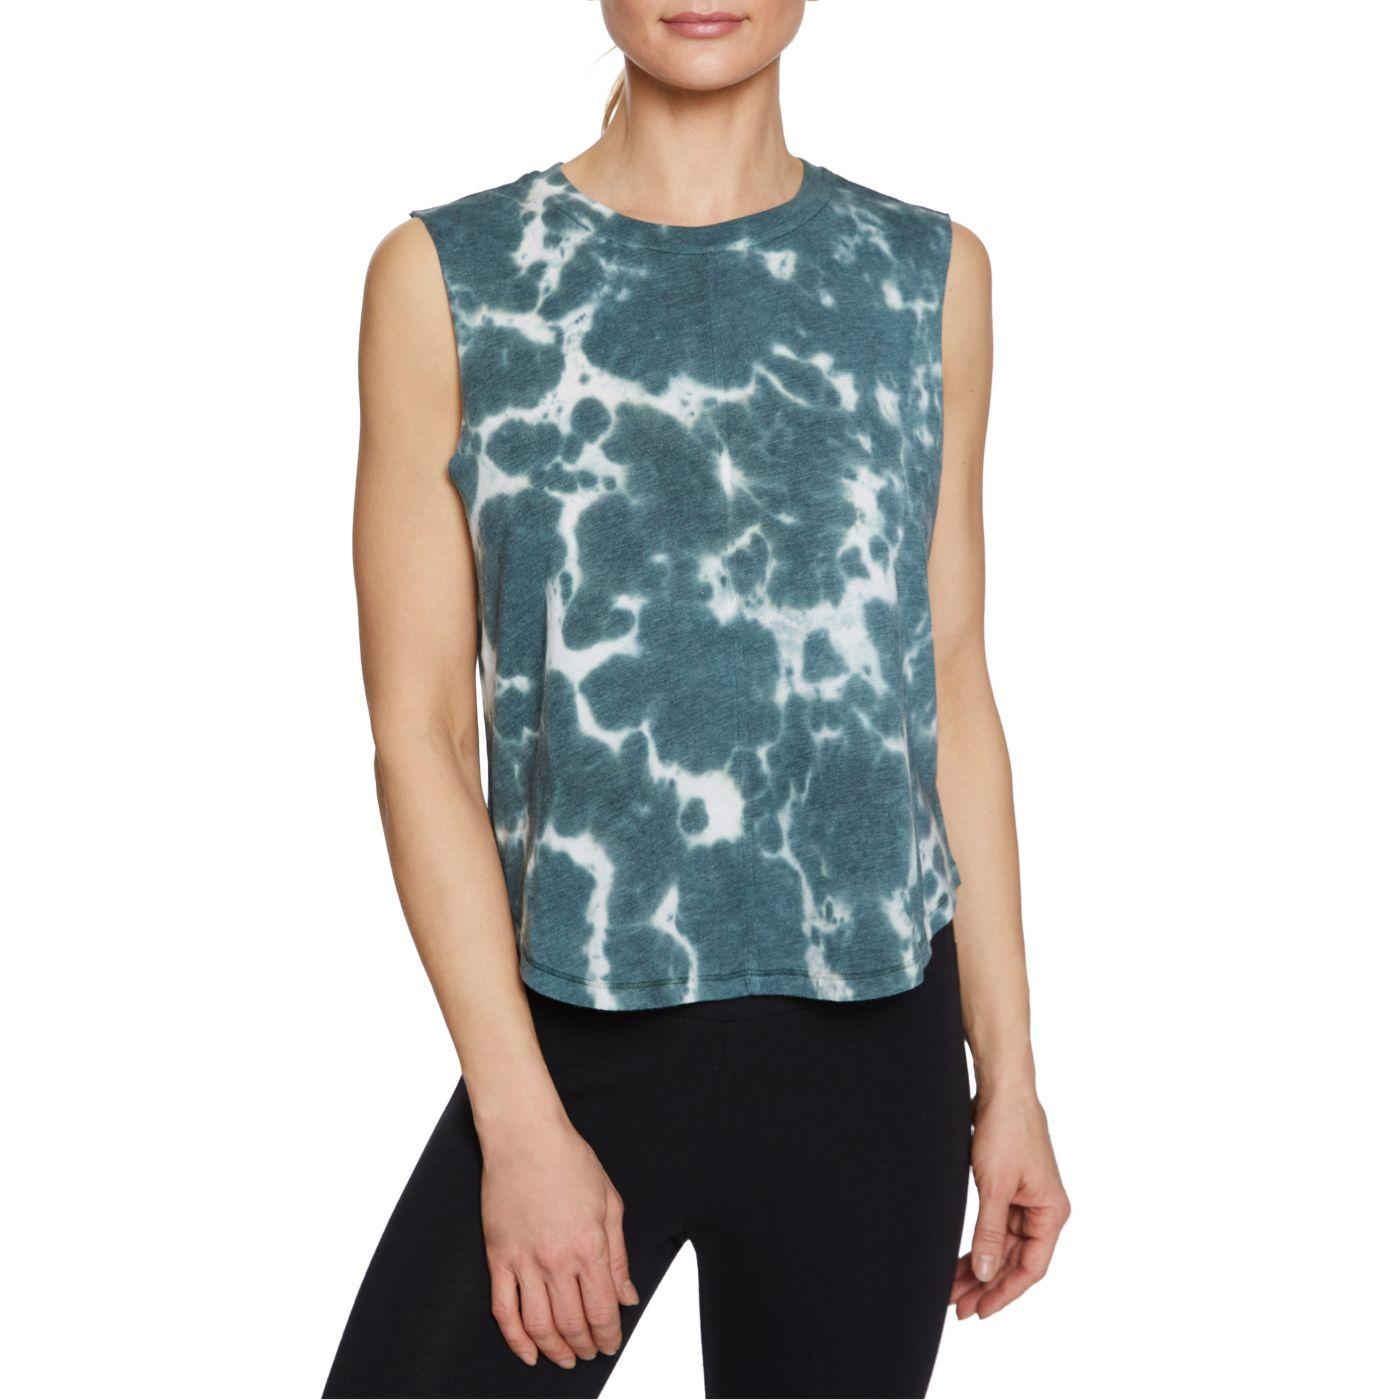 Betsey Johnson Women's Tie Dye Scallop Hem Muscle Tank Top